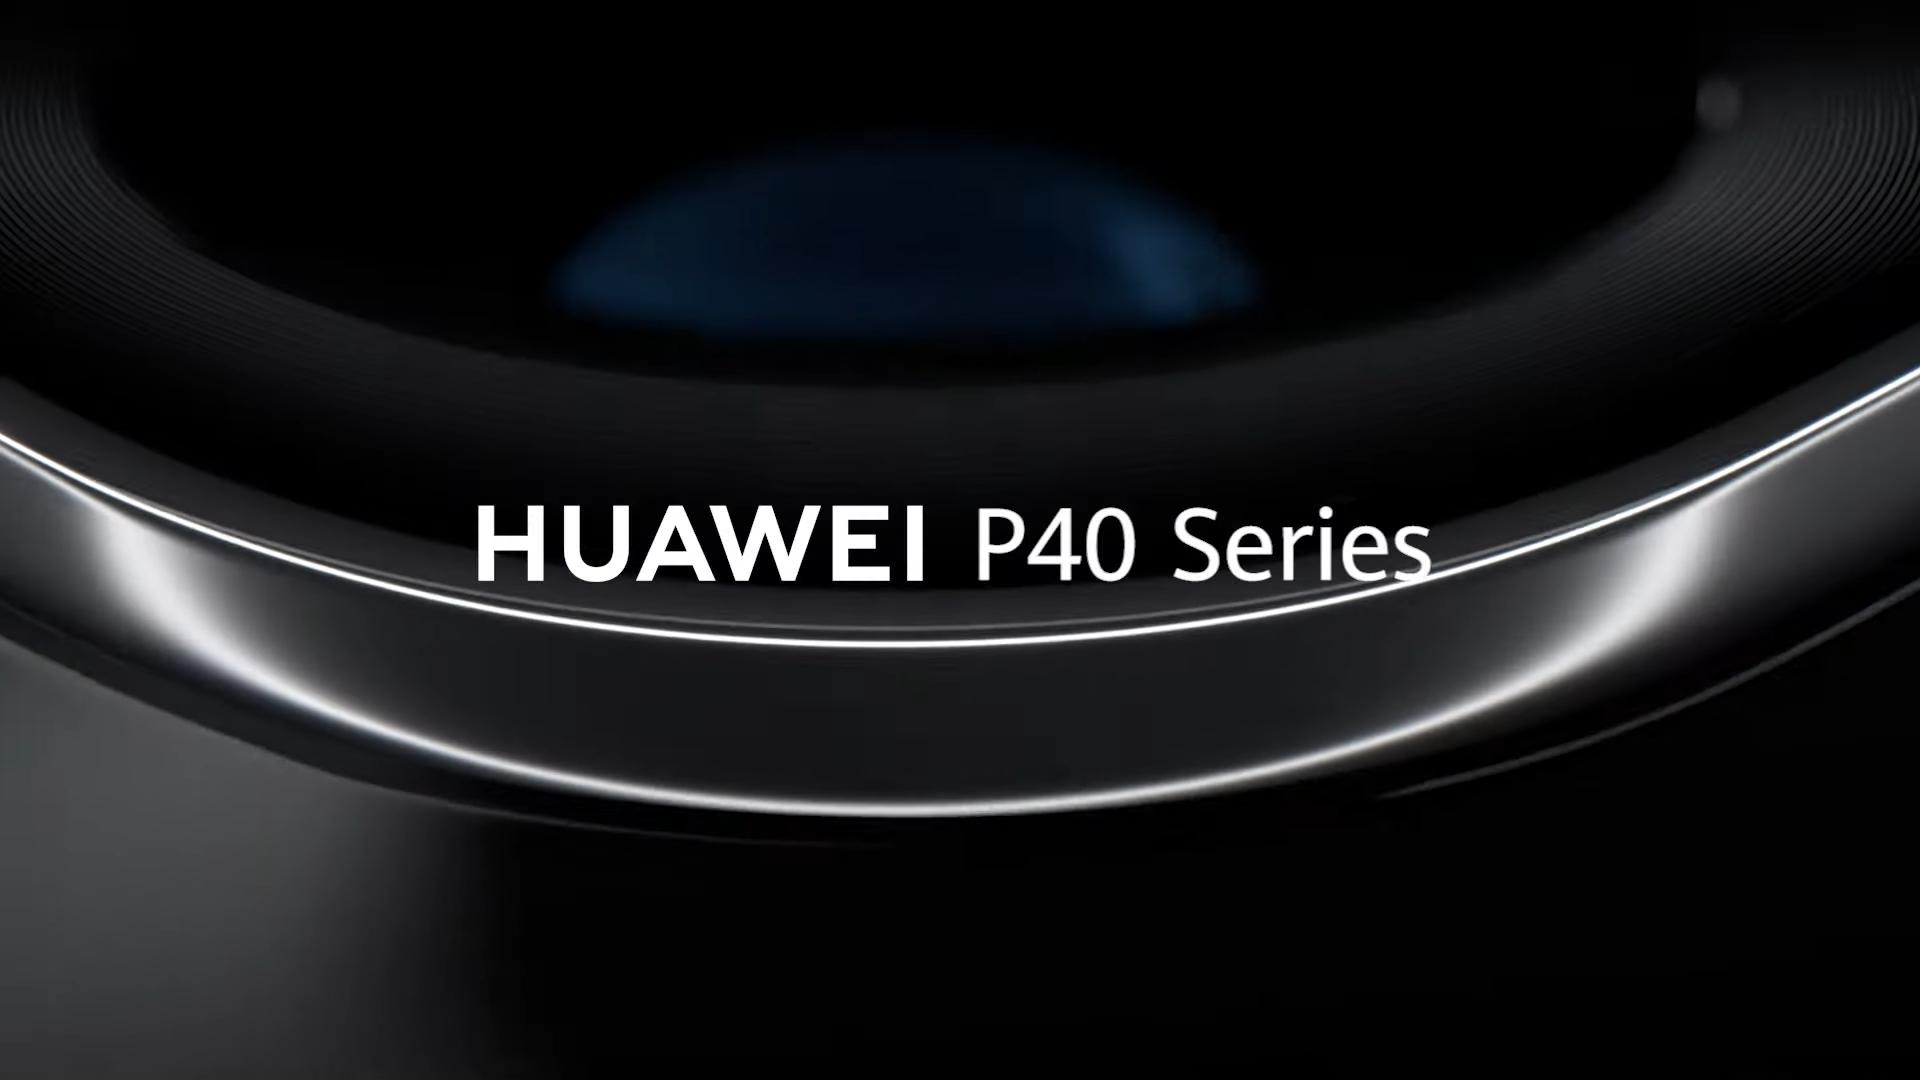 Un video ufficiale condiviso da Huawei mostra le curve del Huawei P40 e del Huawei P40 Pro